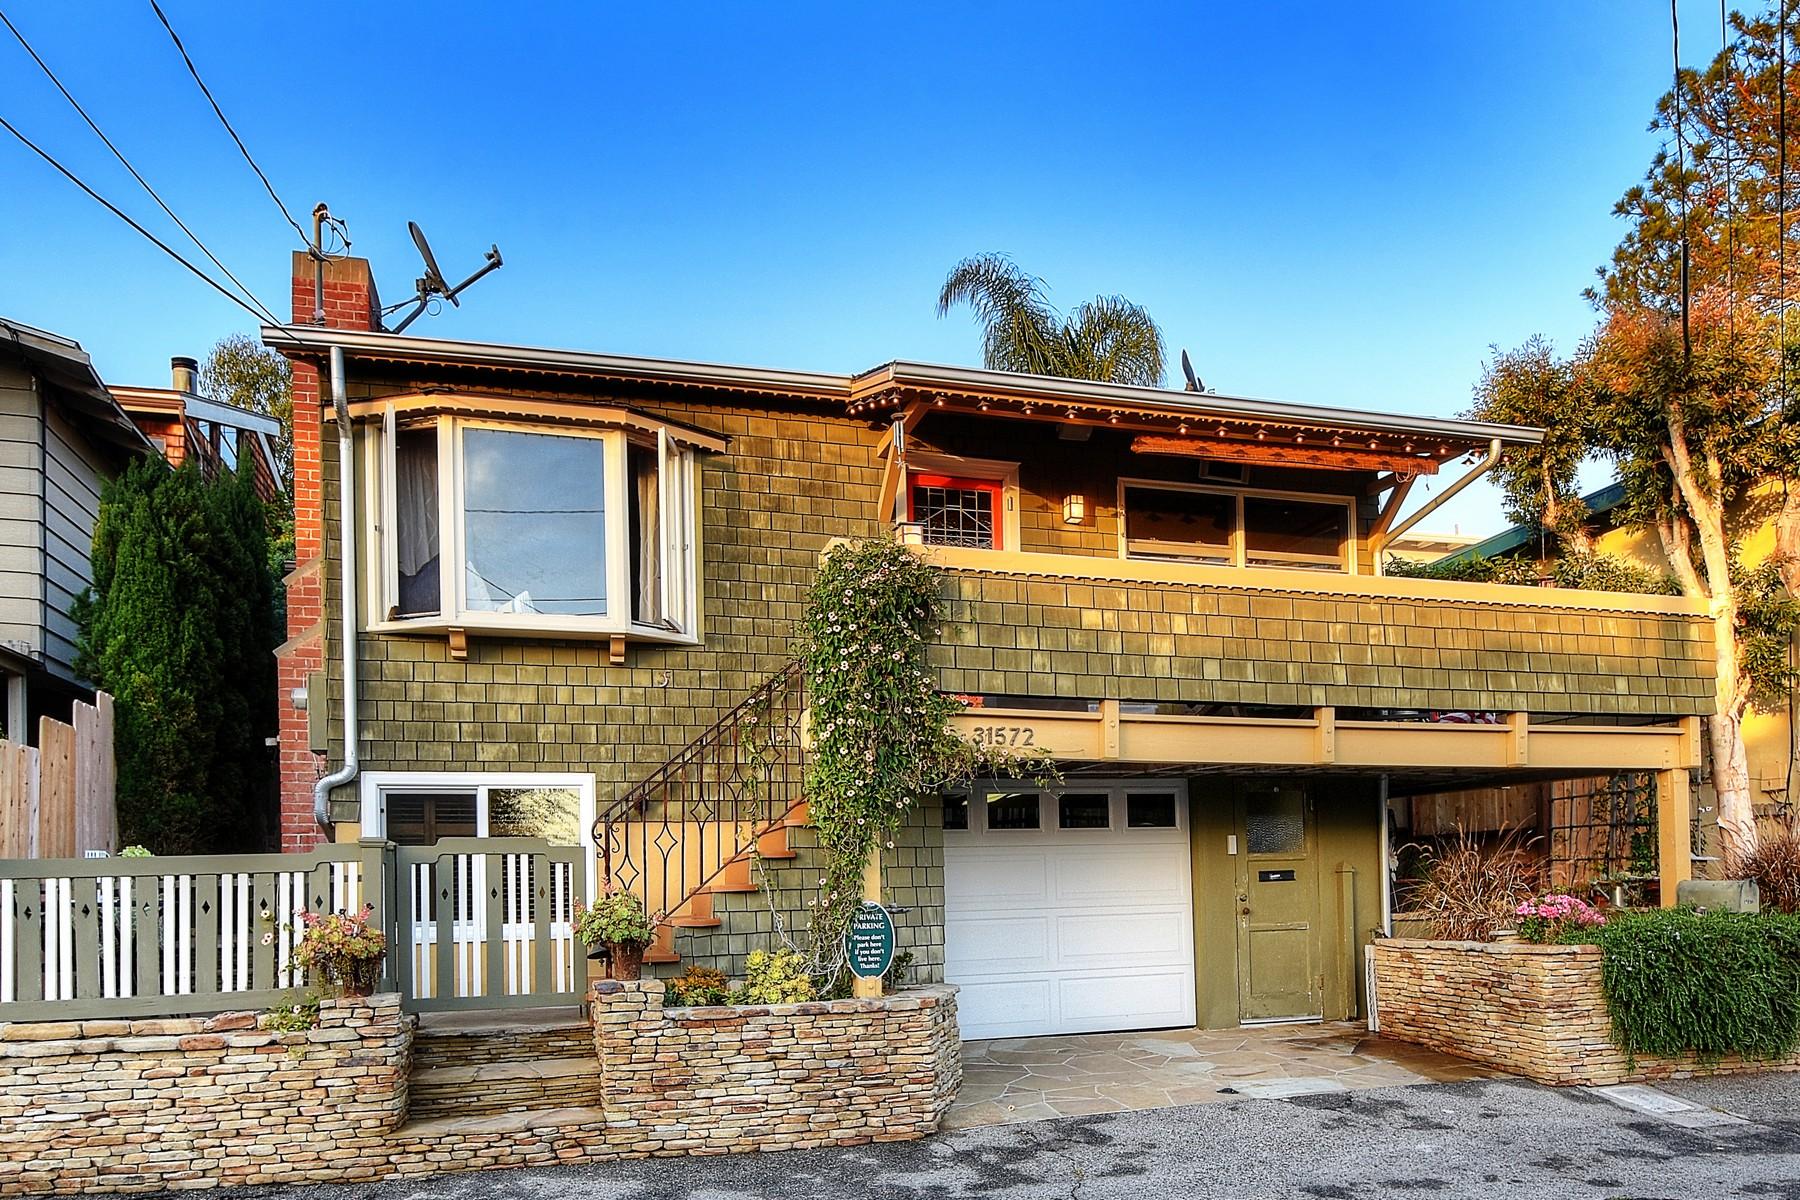 独户住宅 为 销售 在 31572 Wildwood Rd. 拉古纳, 加利福尼亚州, 92651 美国